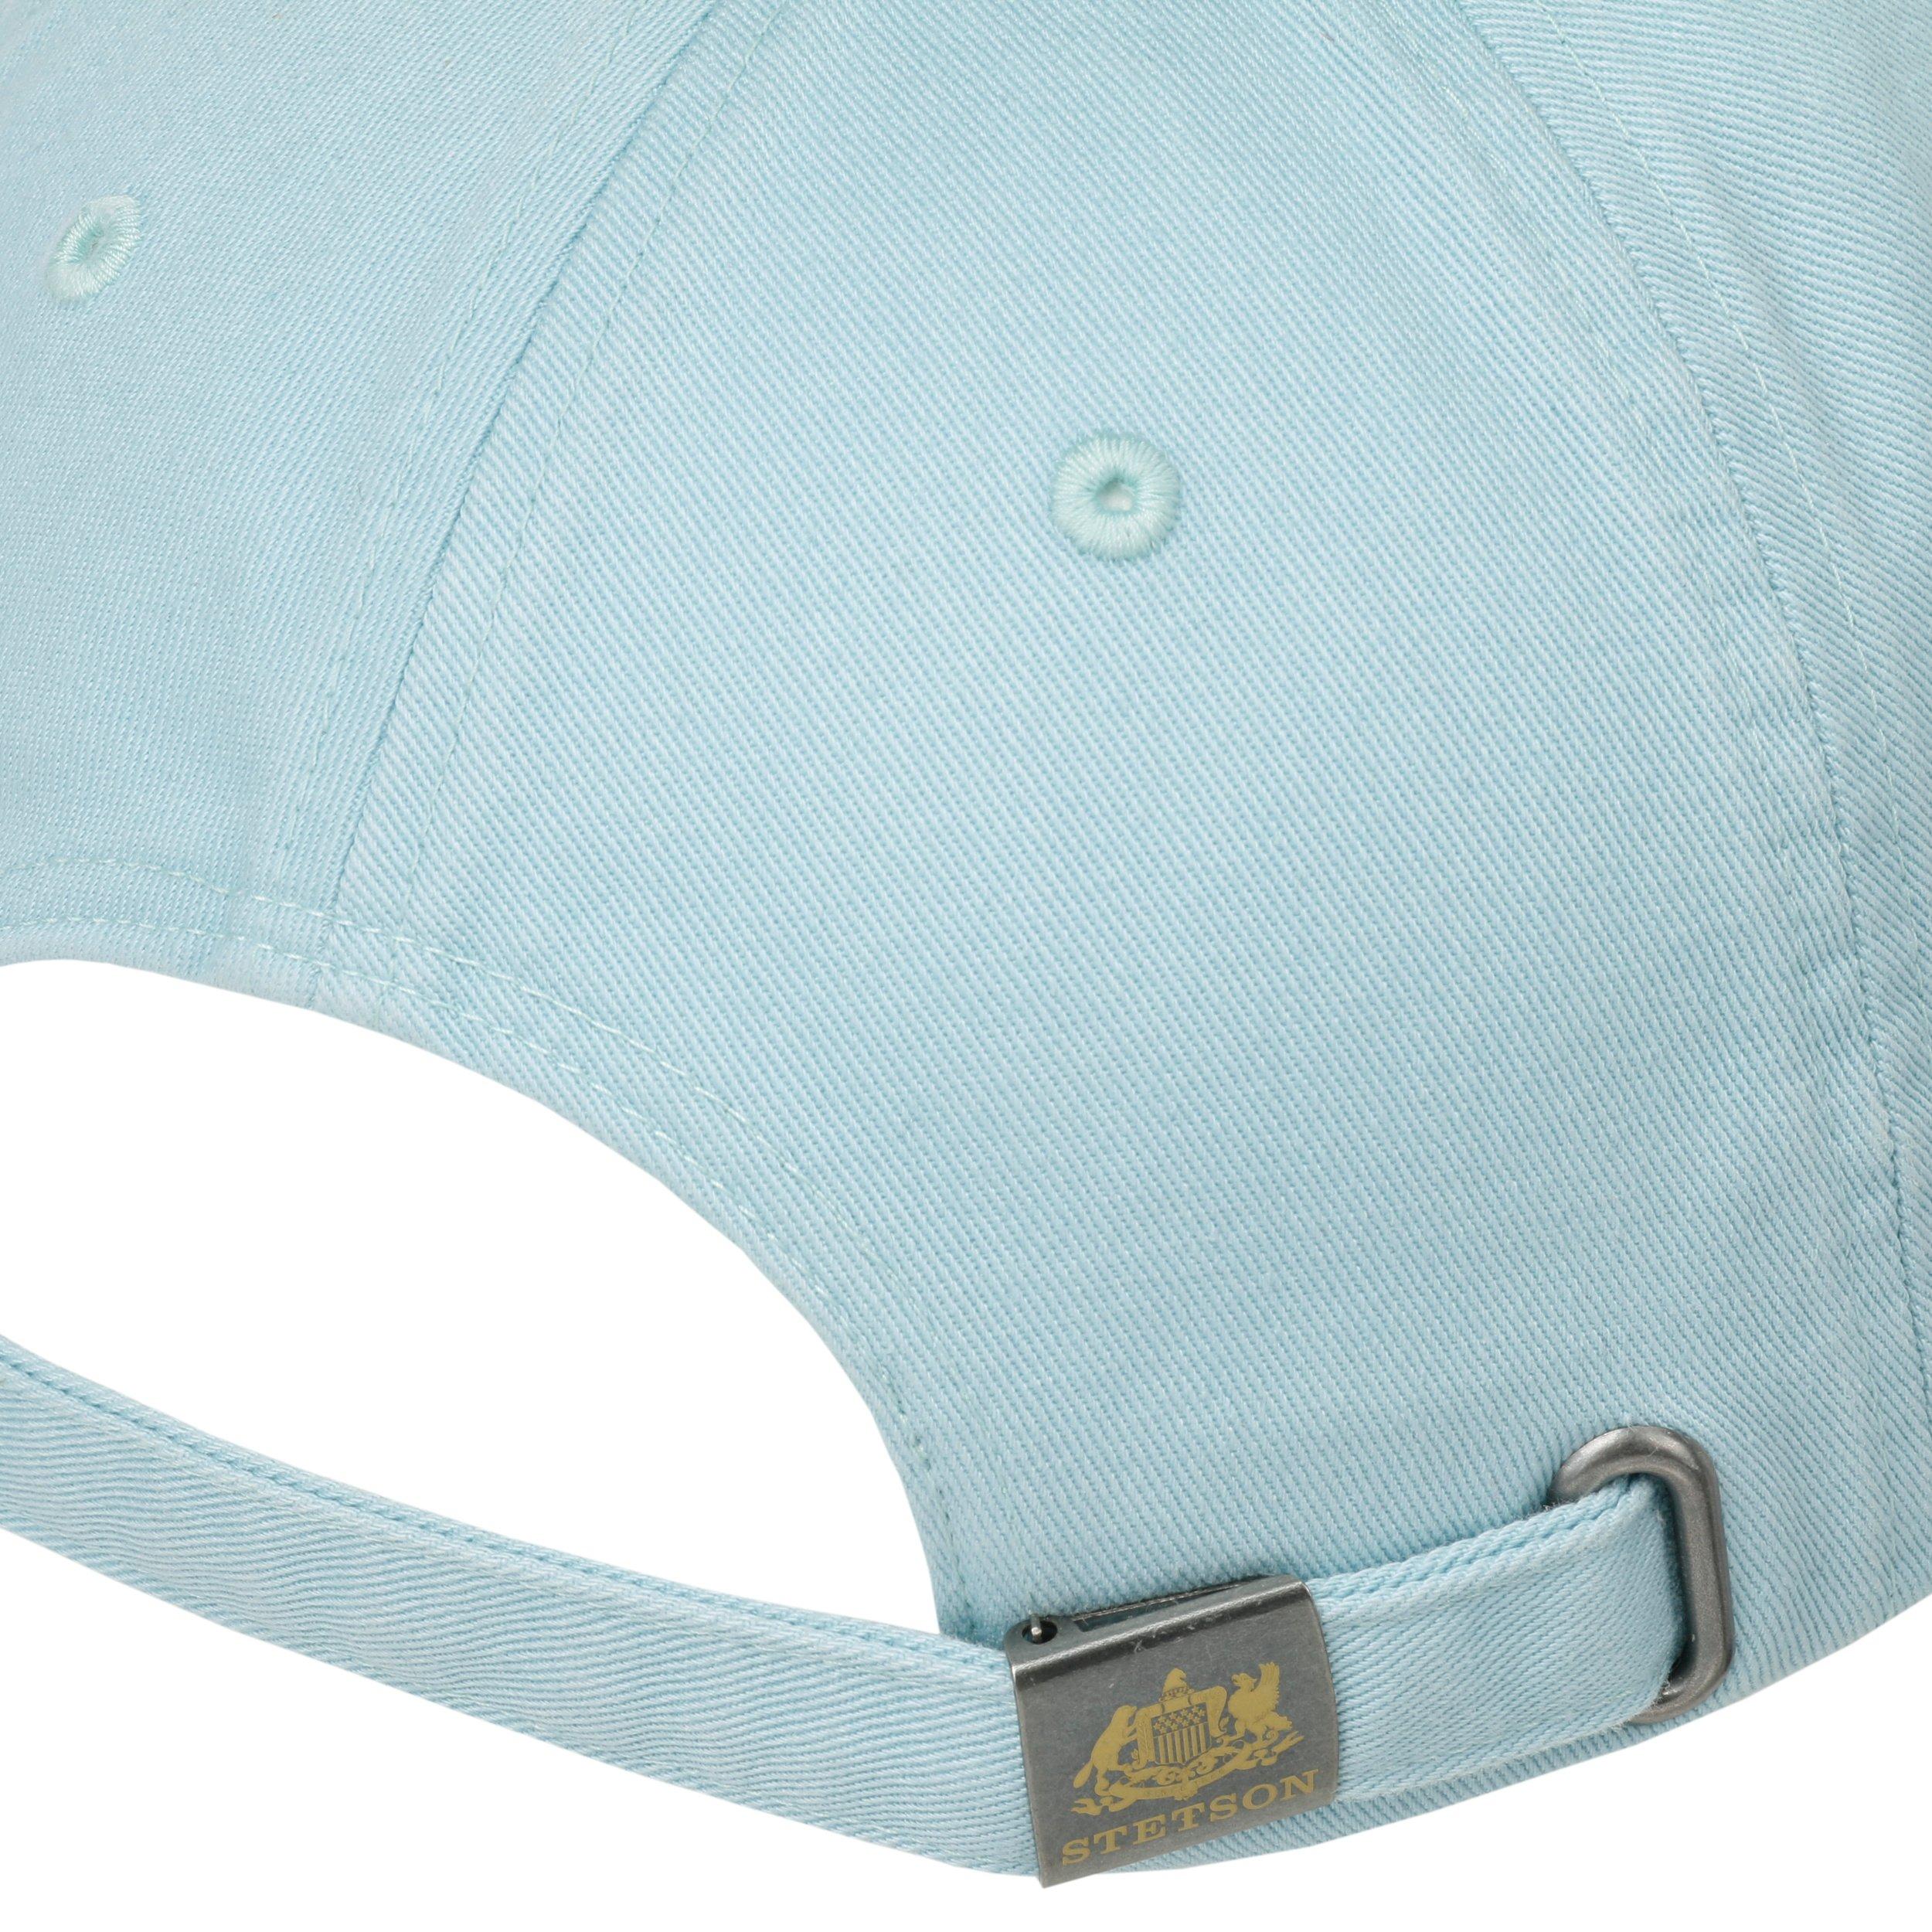 d50535a116f39 ... Rector Baseball Cap by Stetson - light blue 3 ...